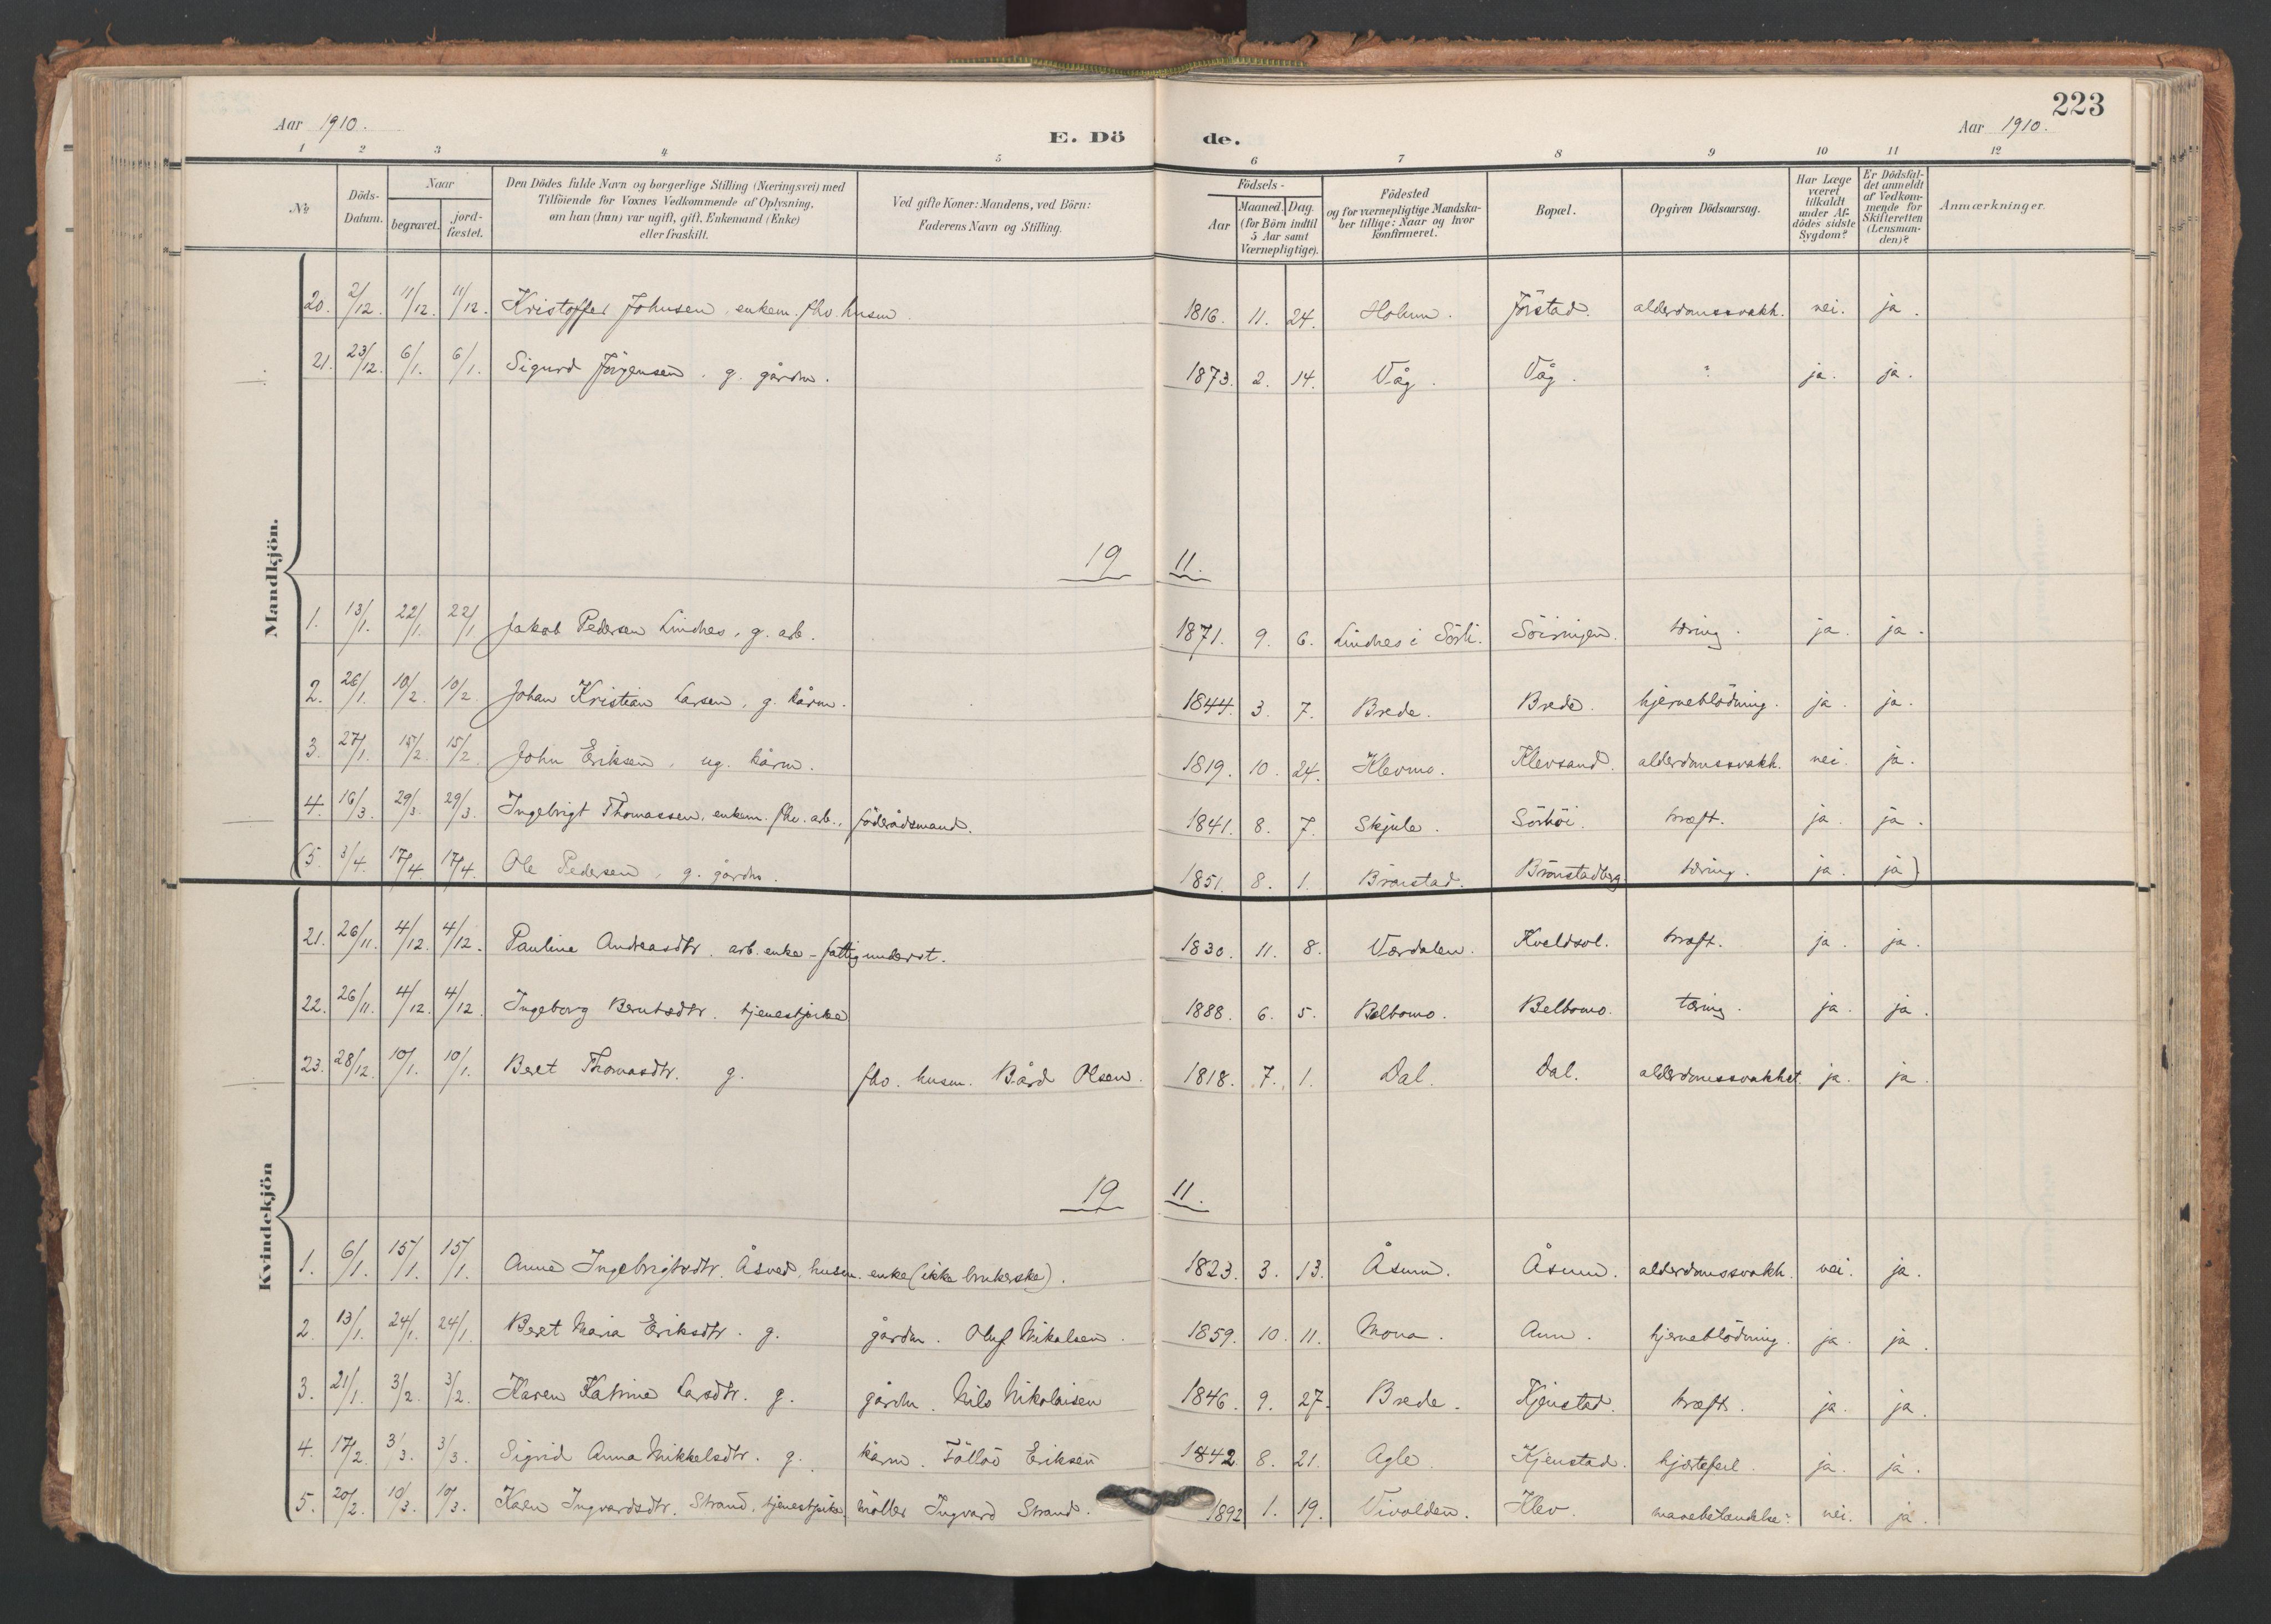 SAT, Ministerialprotokoller, klokkerbøker og fødselsregistre - Nord-Trøndelag, 749/L0477: Ministerialbok nr. 749A11, 1902-1927, s. 223